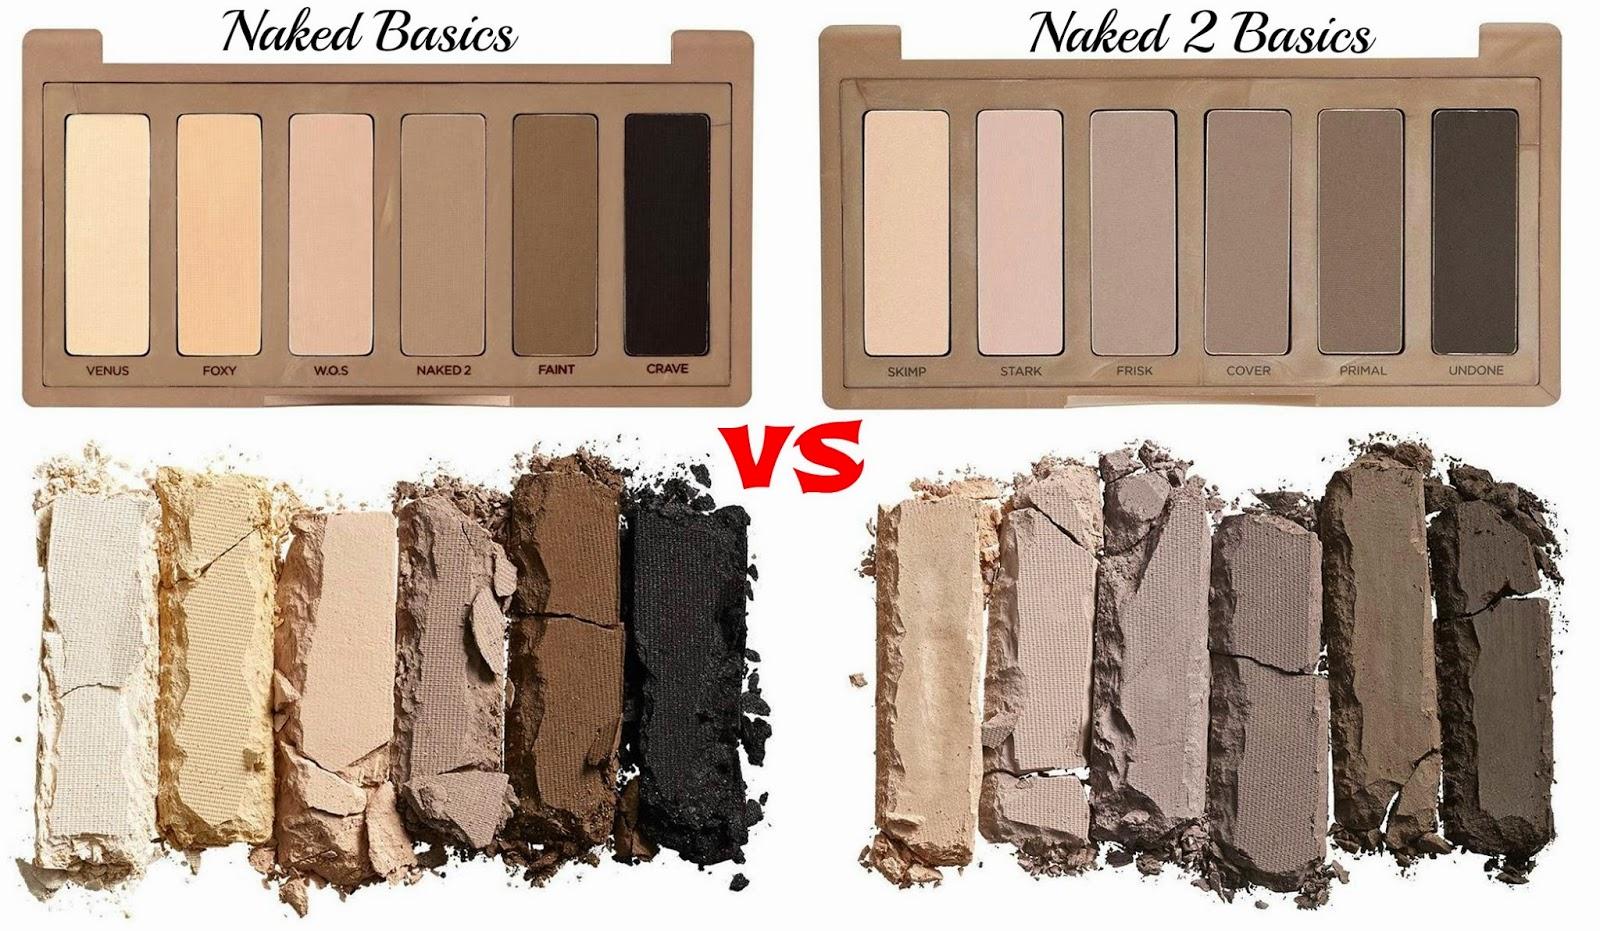 Naked Basics VS Naked Basics 2